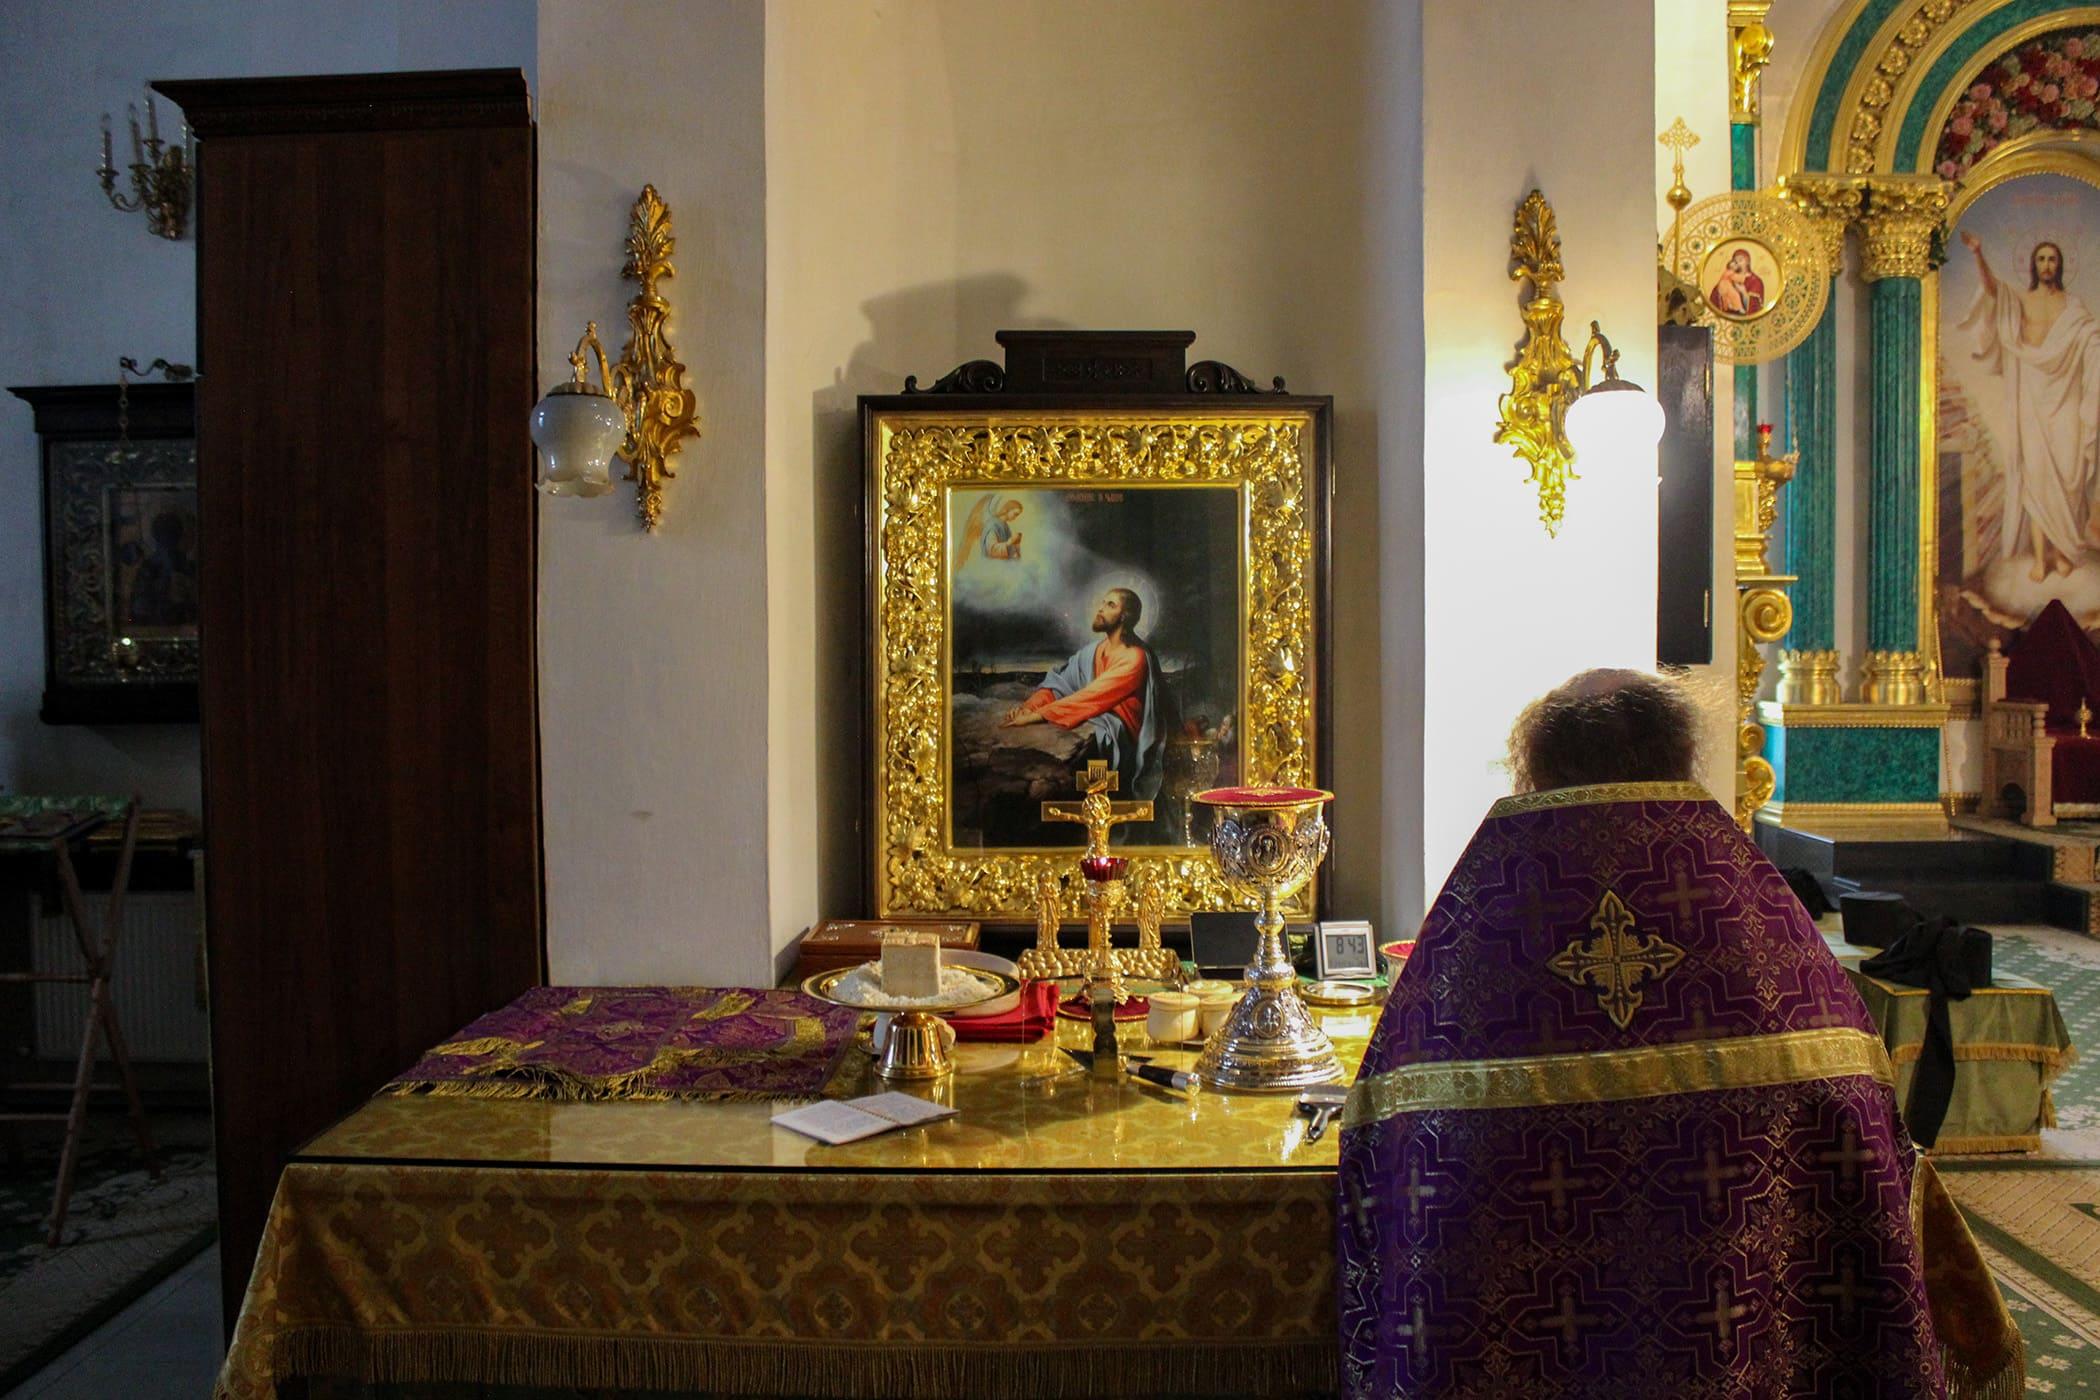 «Кресте пречестный, / eгоже обстоят чини ангельстии, веселящеся, / днесь воздвизаемь…» В Нило-Столобенской пустыни встретили двунадесятый праздник Воздвижения Честного и Животворящего Креста Господня 20